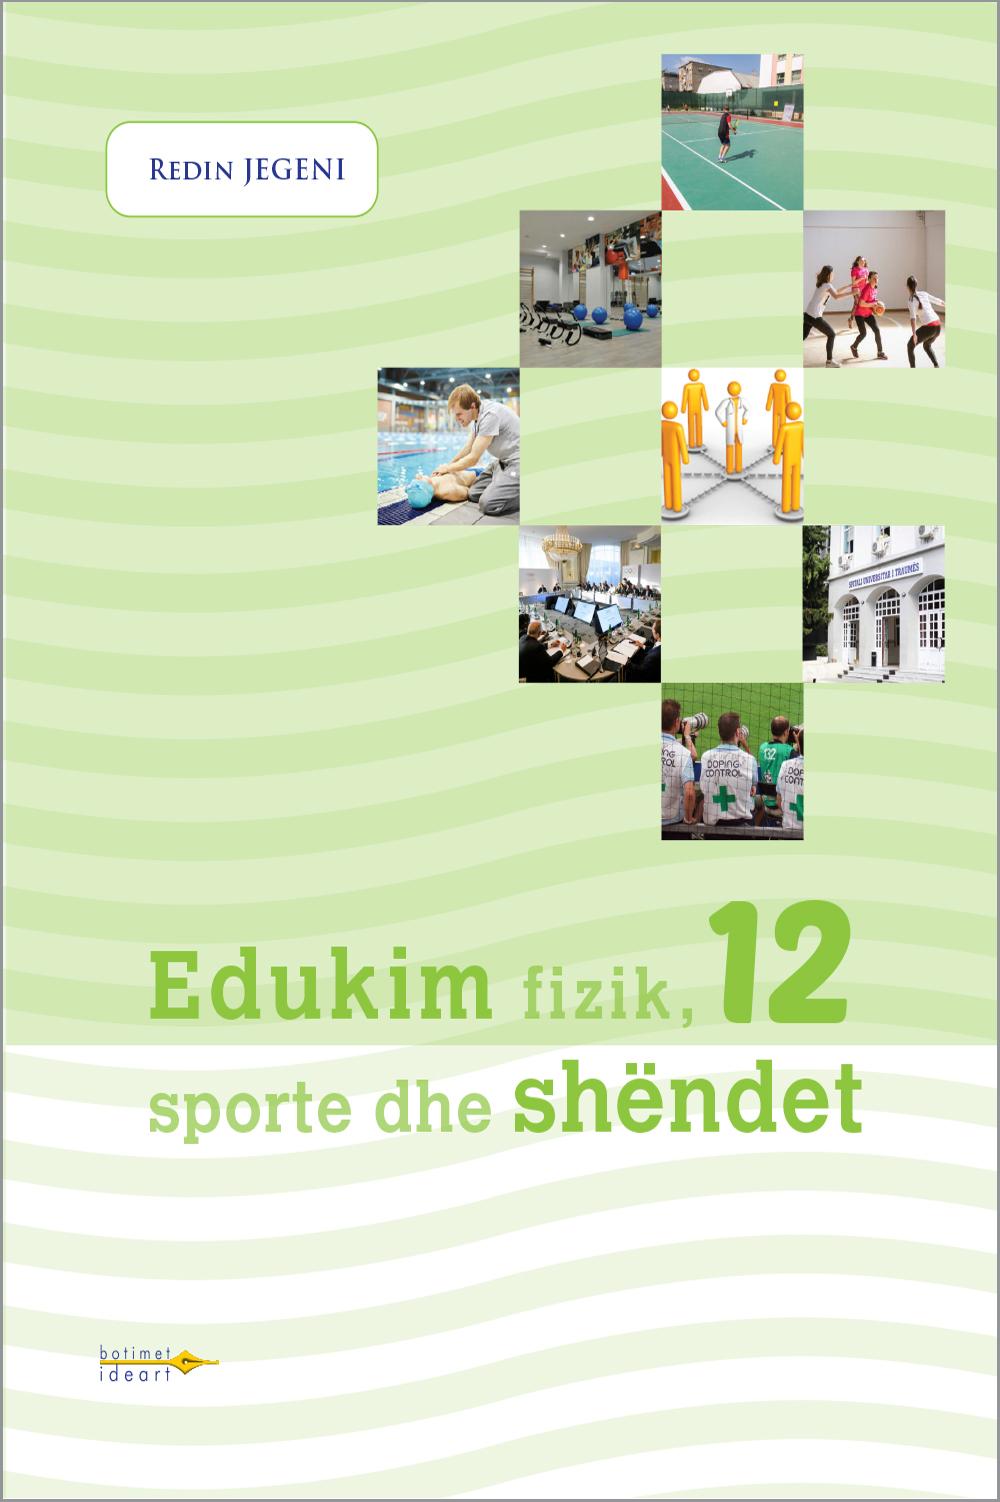 Edukim fizik, sporte dhe shëndet 12